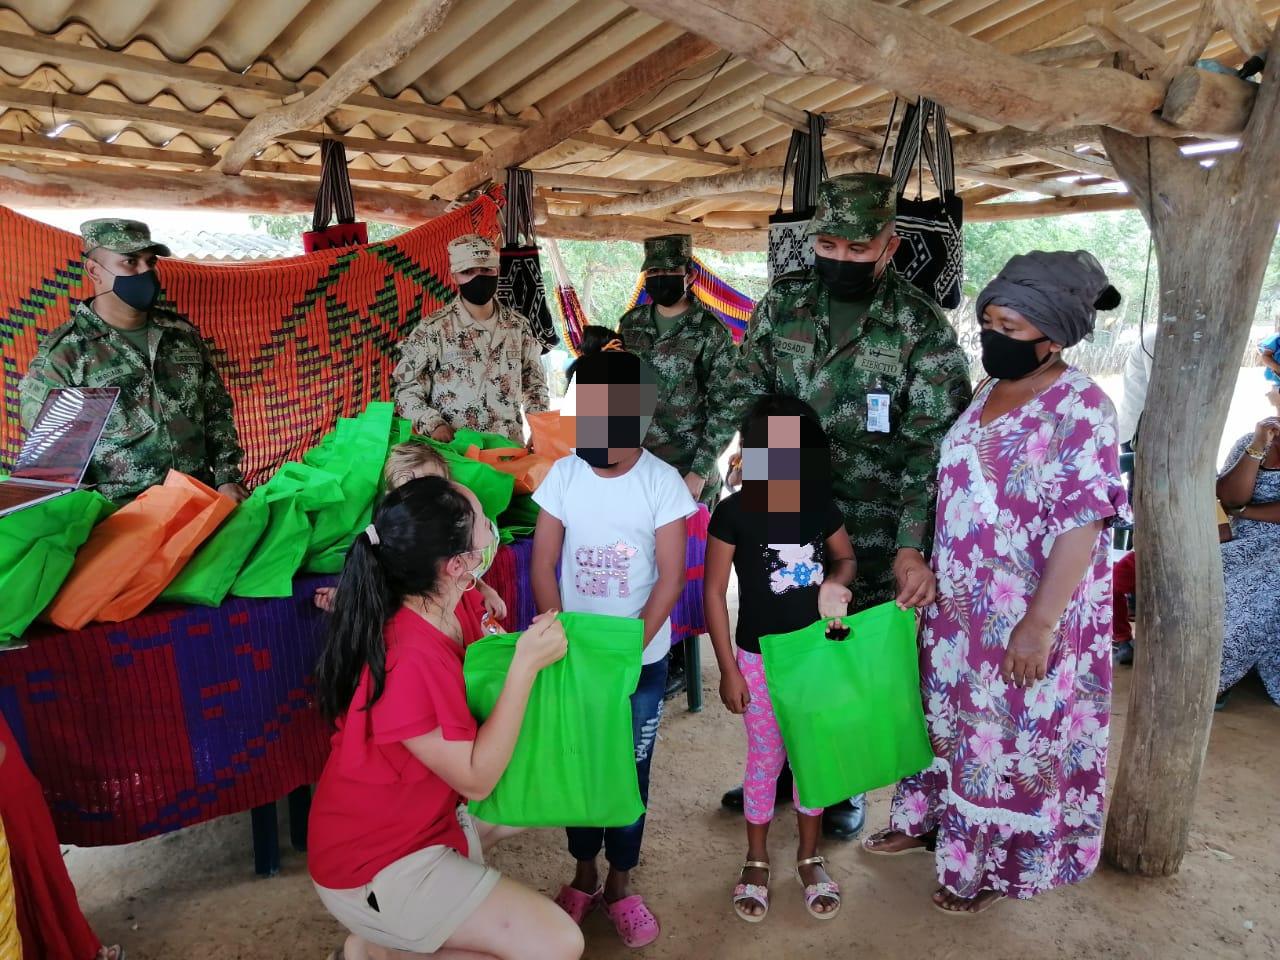 hoyennoticia.com, Ejército y Fundación Hilo Sagrado entregaron mercados y kit educativos en comunidades wayuu